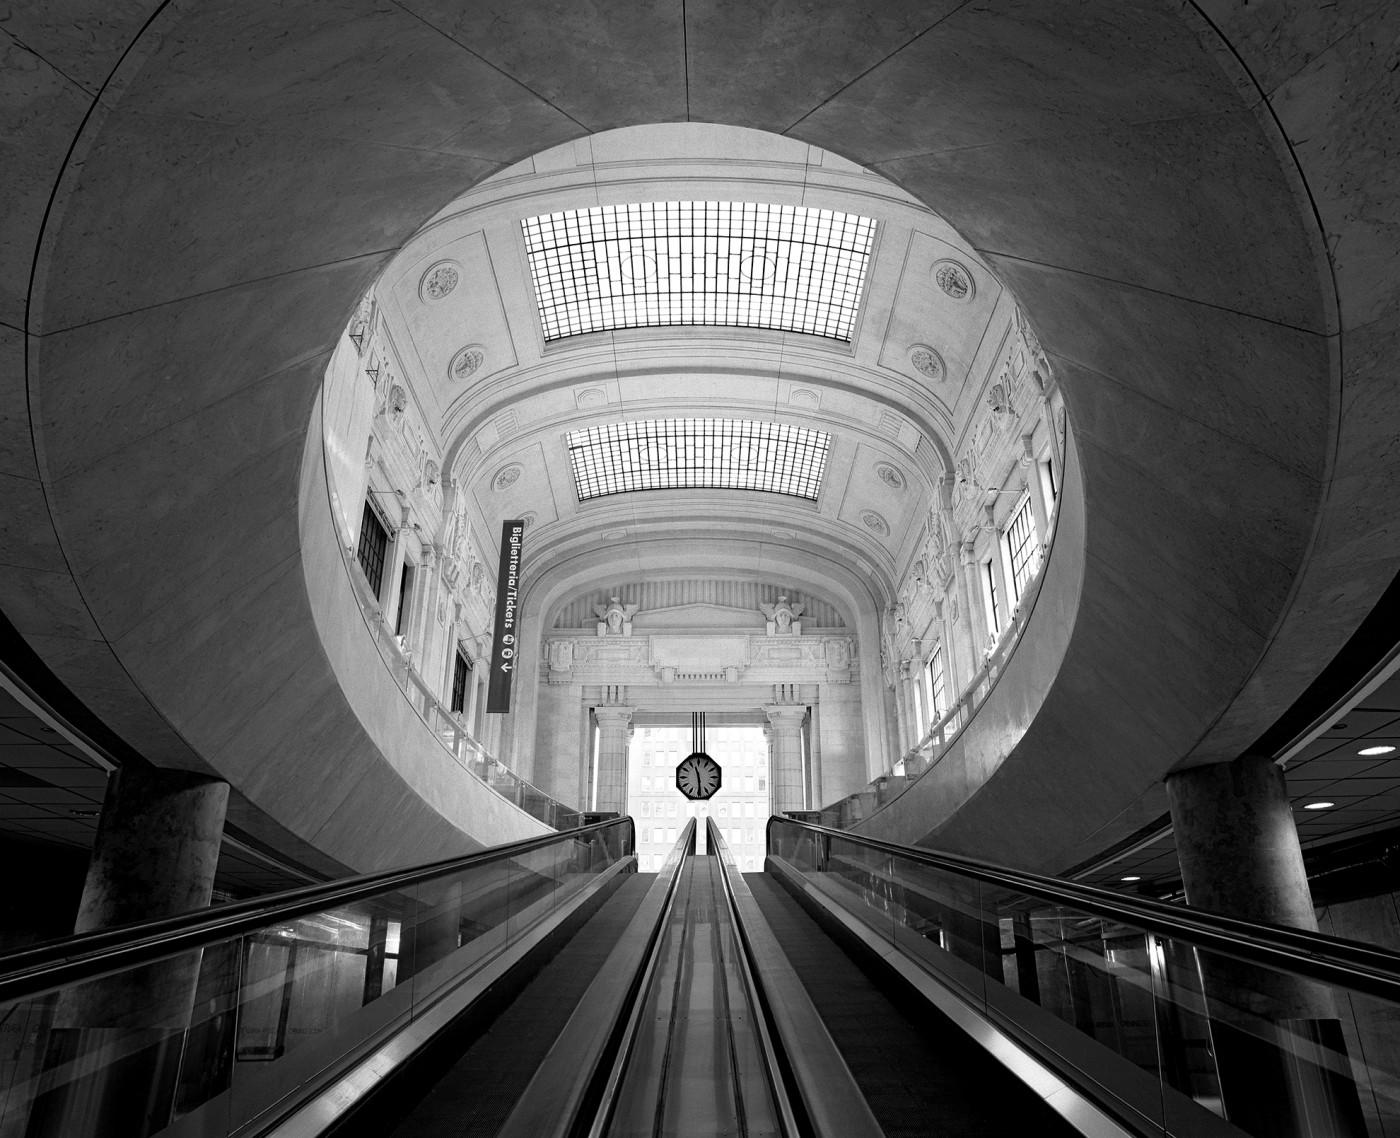 La stazione centrale di Milano - Foto di Niccolò Biddau